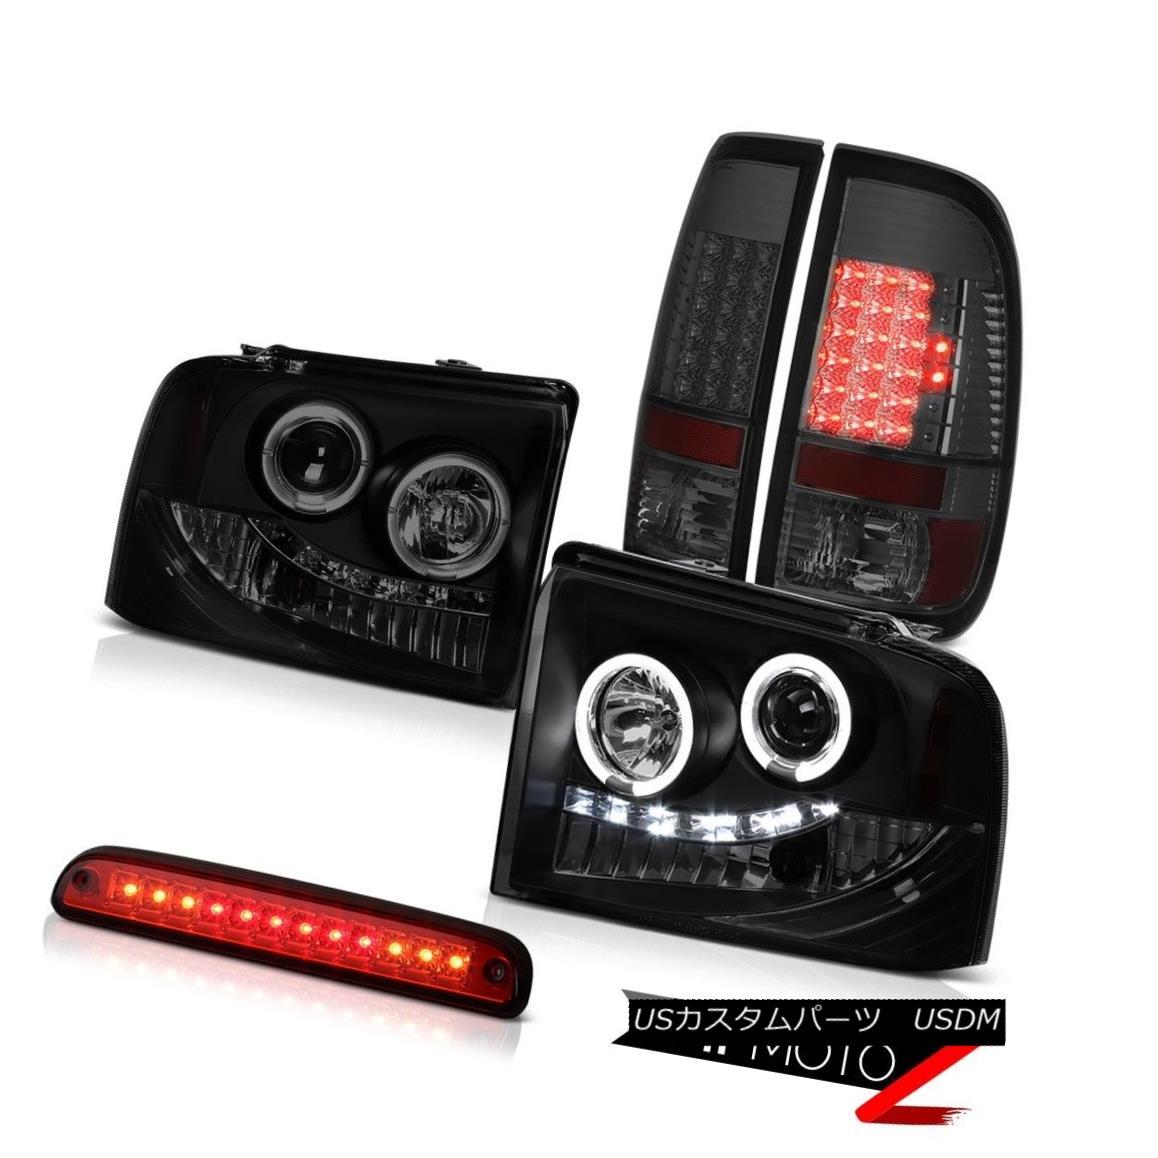 テールライト 05 06 07 F450 F550 Headlights Halo LED Signal Parking Tail Lights Red 3rd Brake 05 06 07 F450 F550ヘッドライトHalo LED信号パーキングテールライトレッド第3ブレーキ